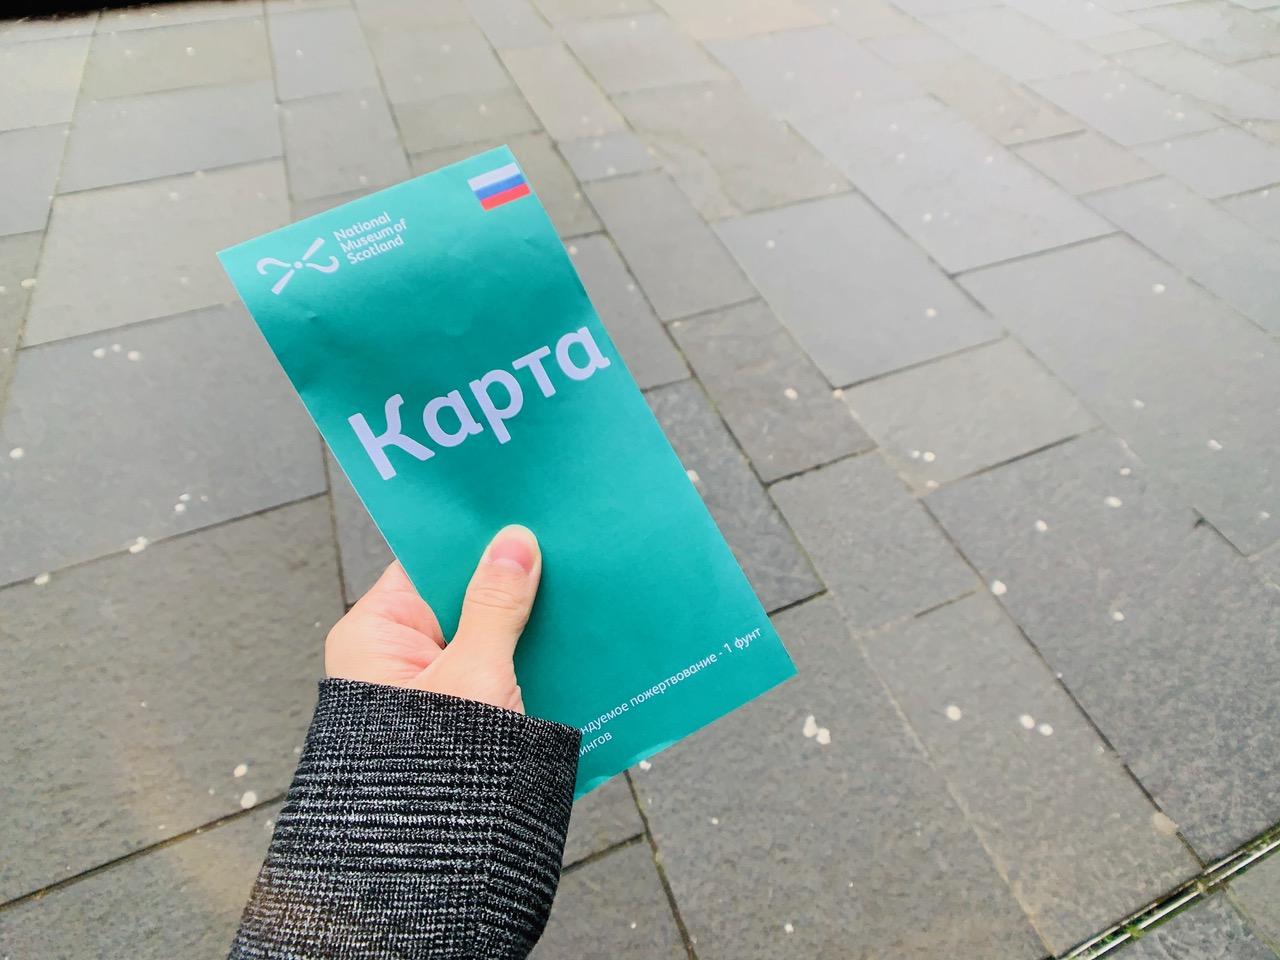 スコットランド国立博物館のロシア語のパンフレット